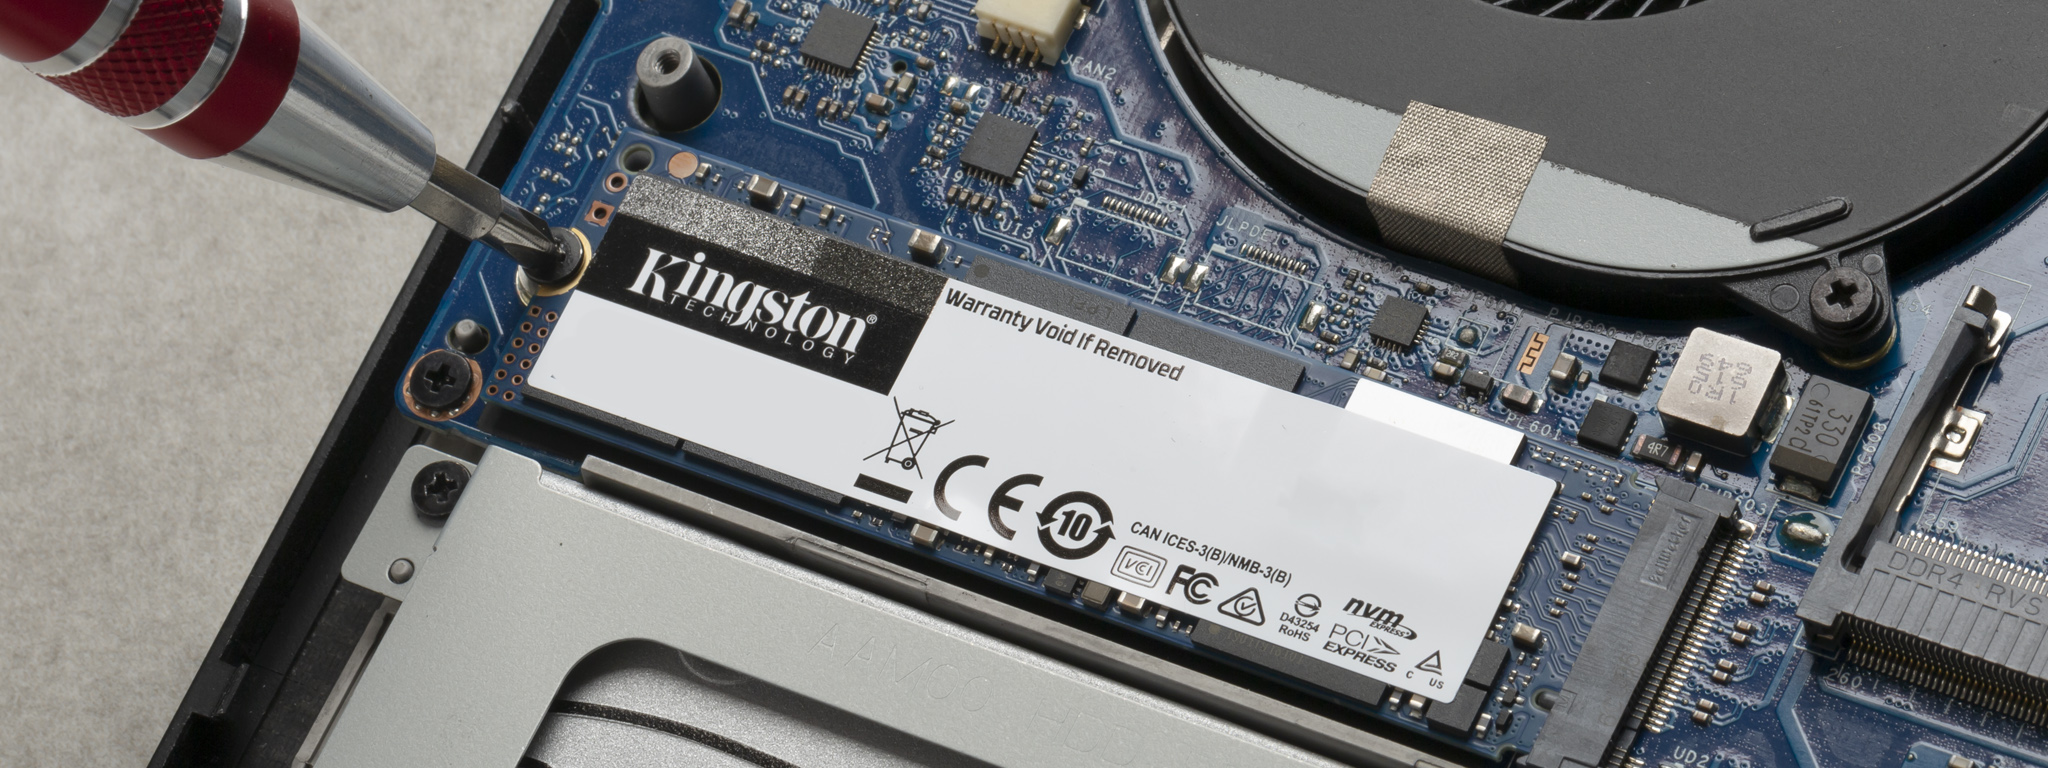 ノートパソコンへの Kingston M.2 SSD の取り付け